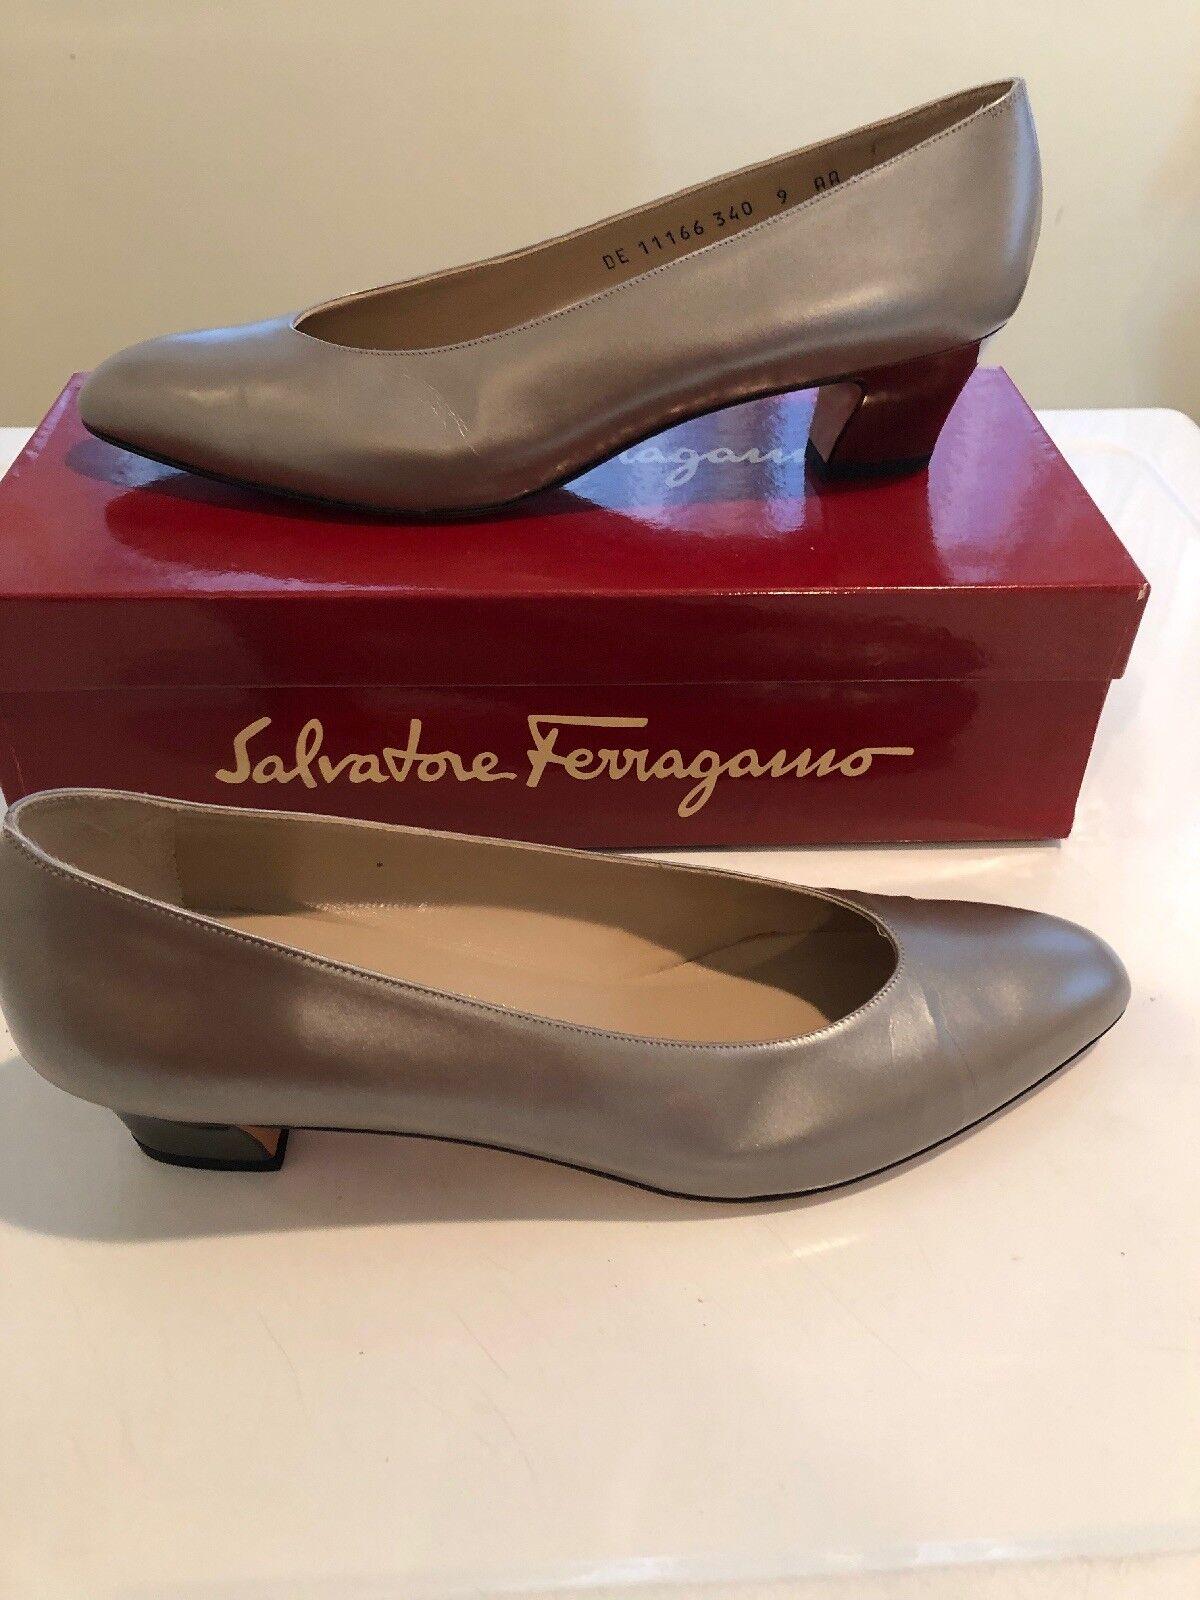 Salvatore Ferragamo  CARLA  gris taupe talon argenté cuir Pompe SZ 9AA boîte... Neuf dans sa boîte